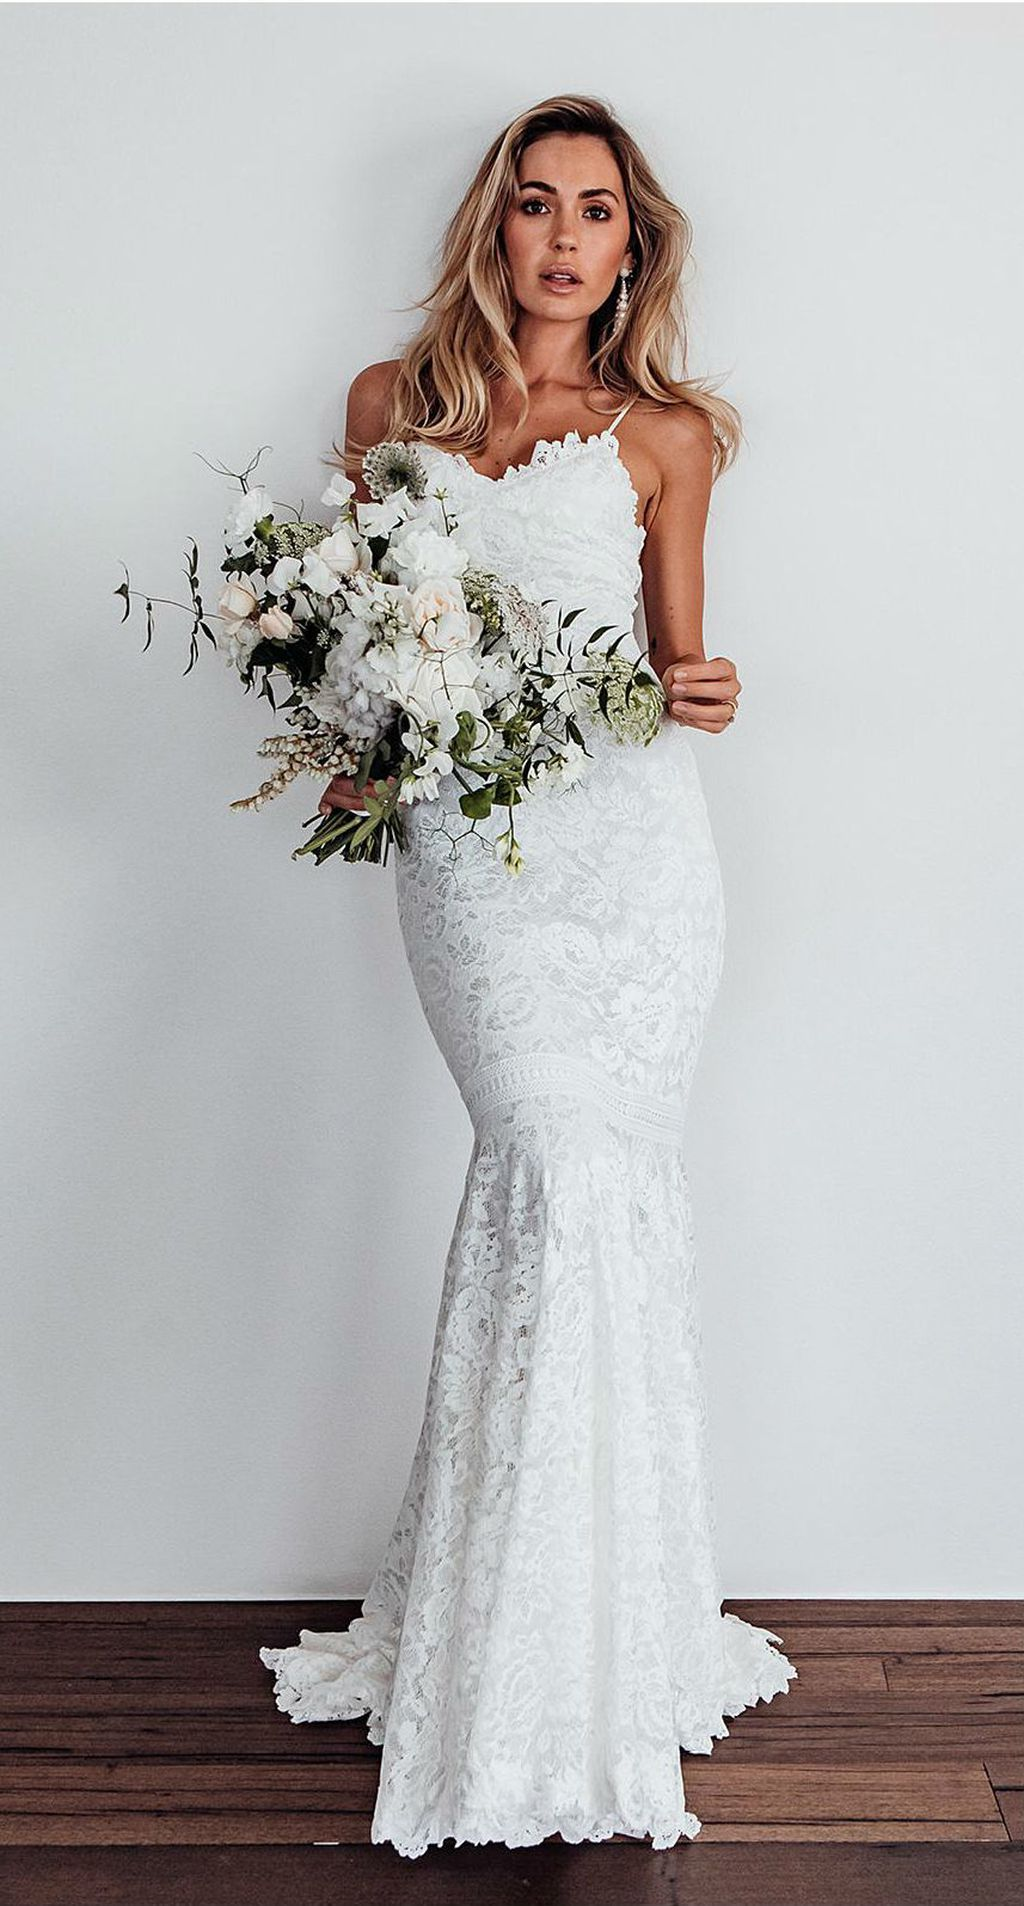 Savršena vjenčanica po izboru muškaraca - 4